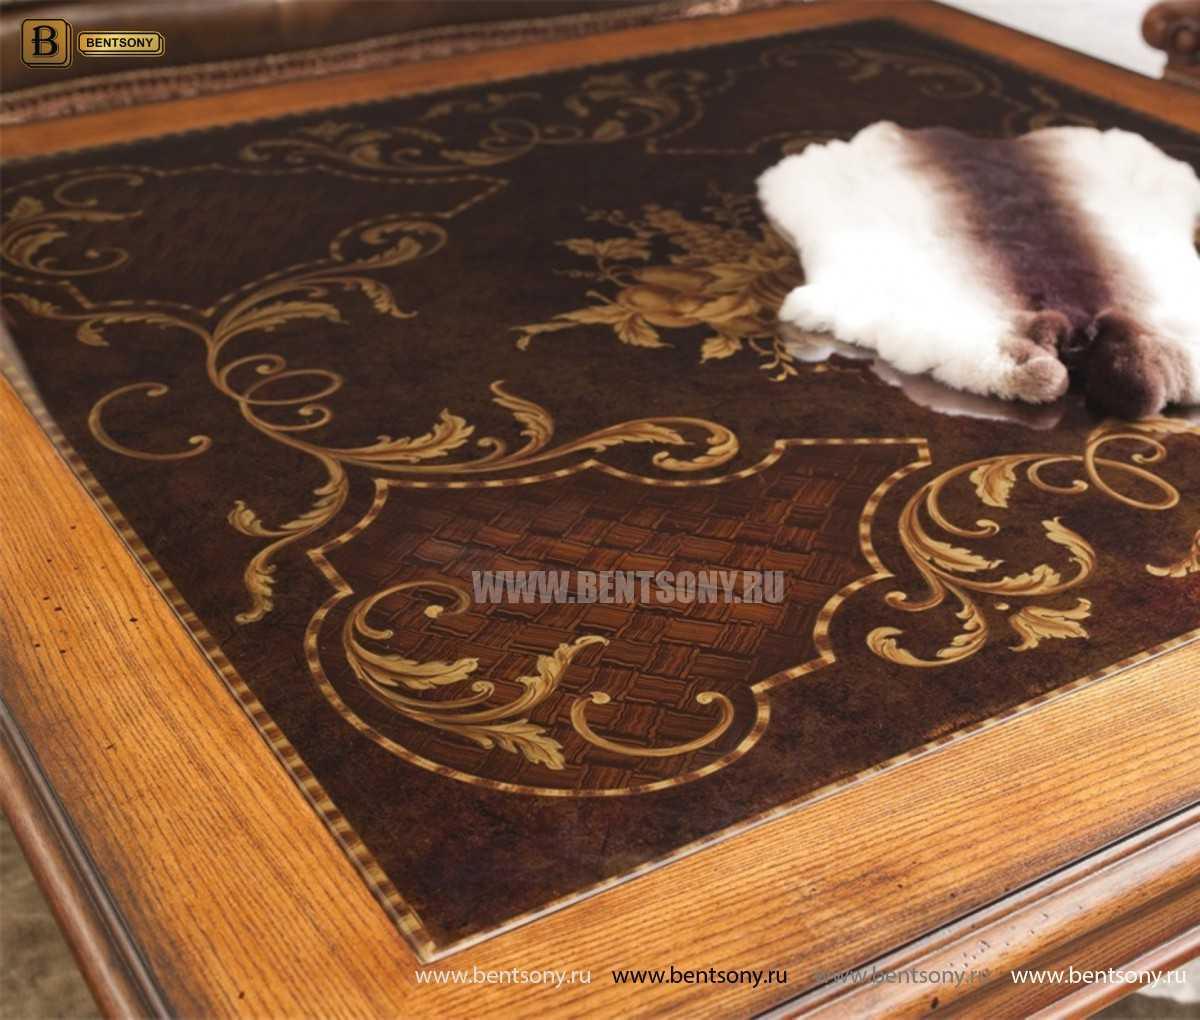 Стол журнальный Феникс A квадратный (Цветное стекло) для квартиры